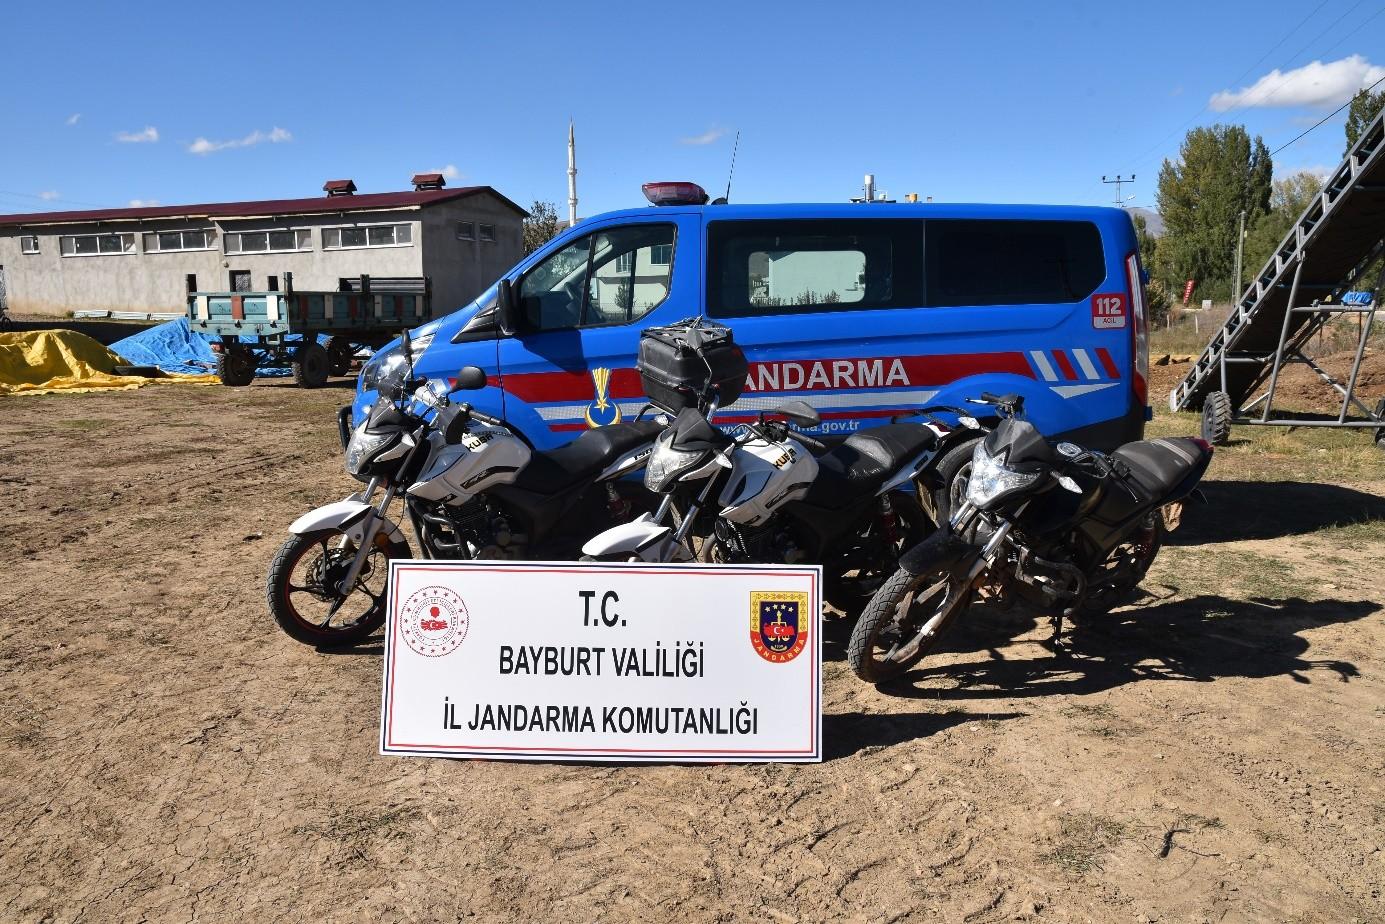 Bayburt'ta motosiklet hırsızı 4 kişi tutuklandı #bayburt